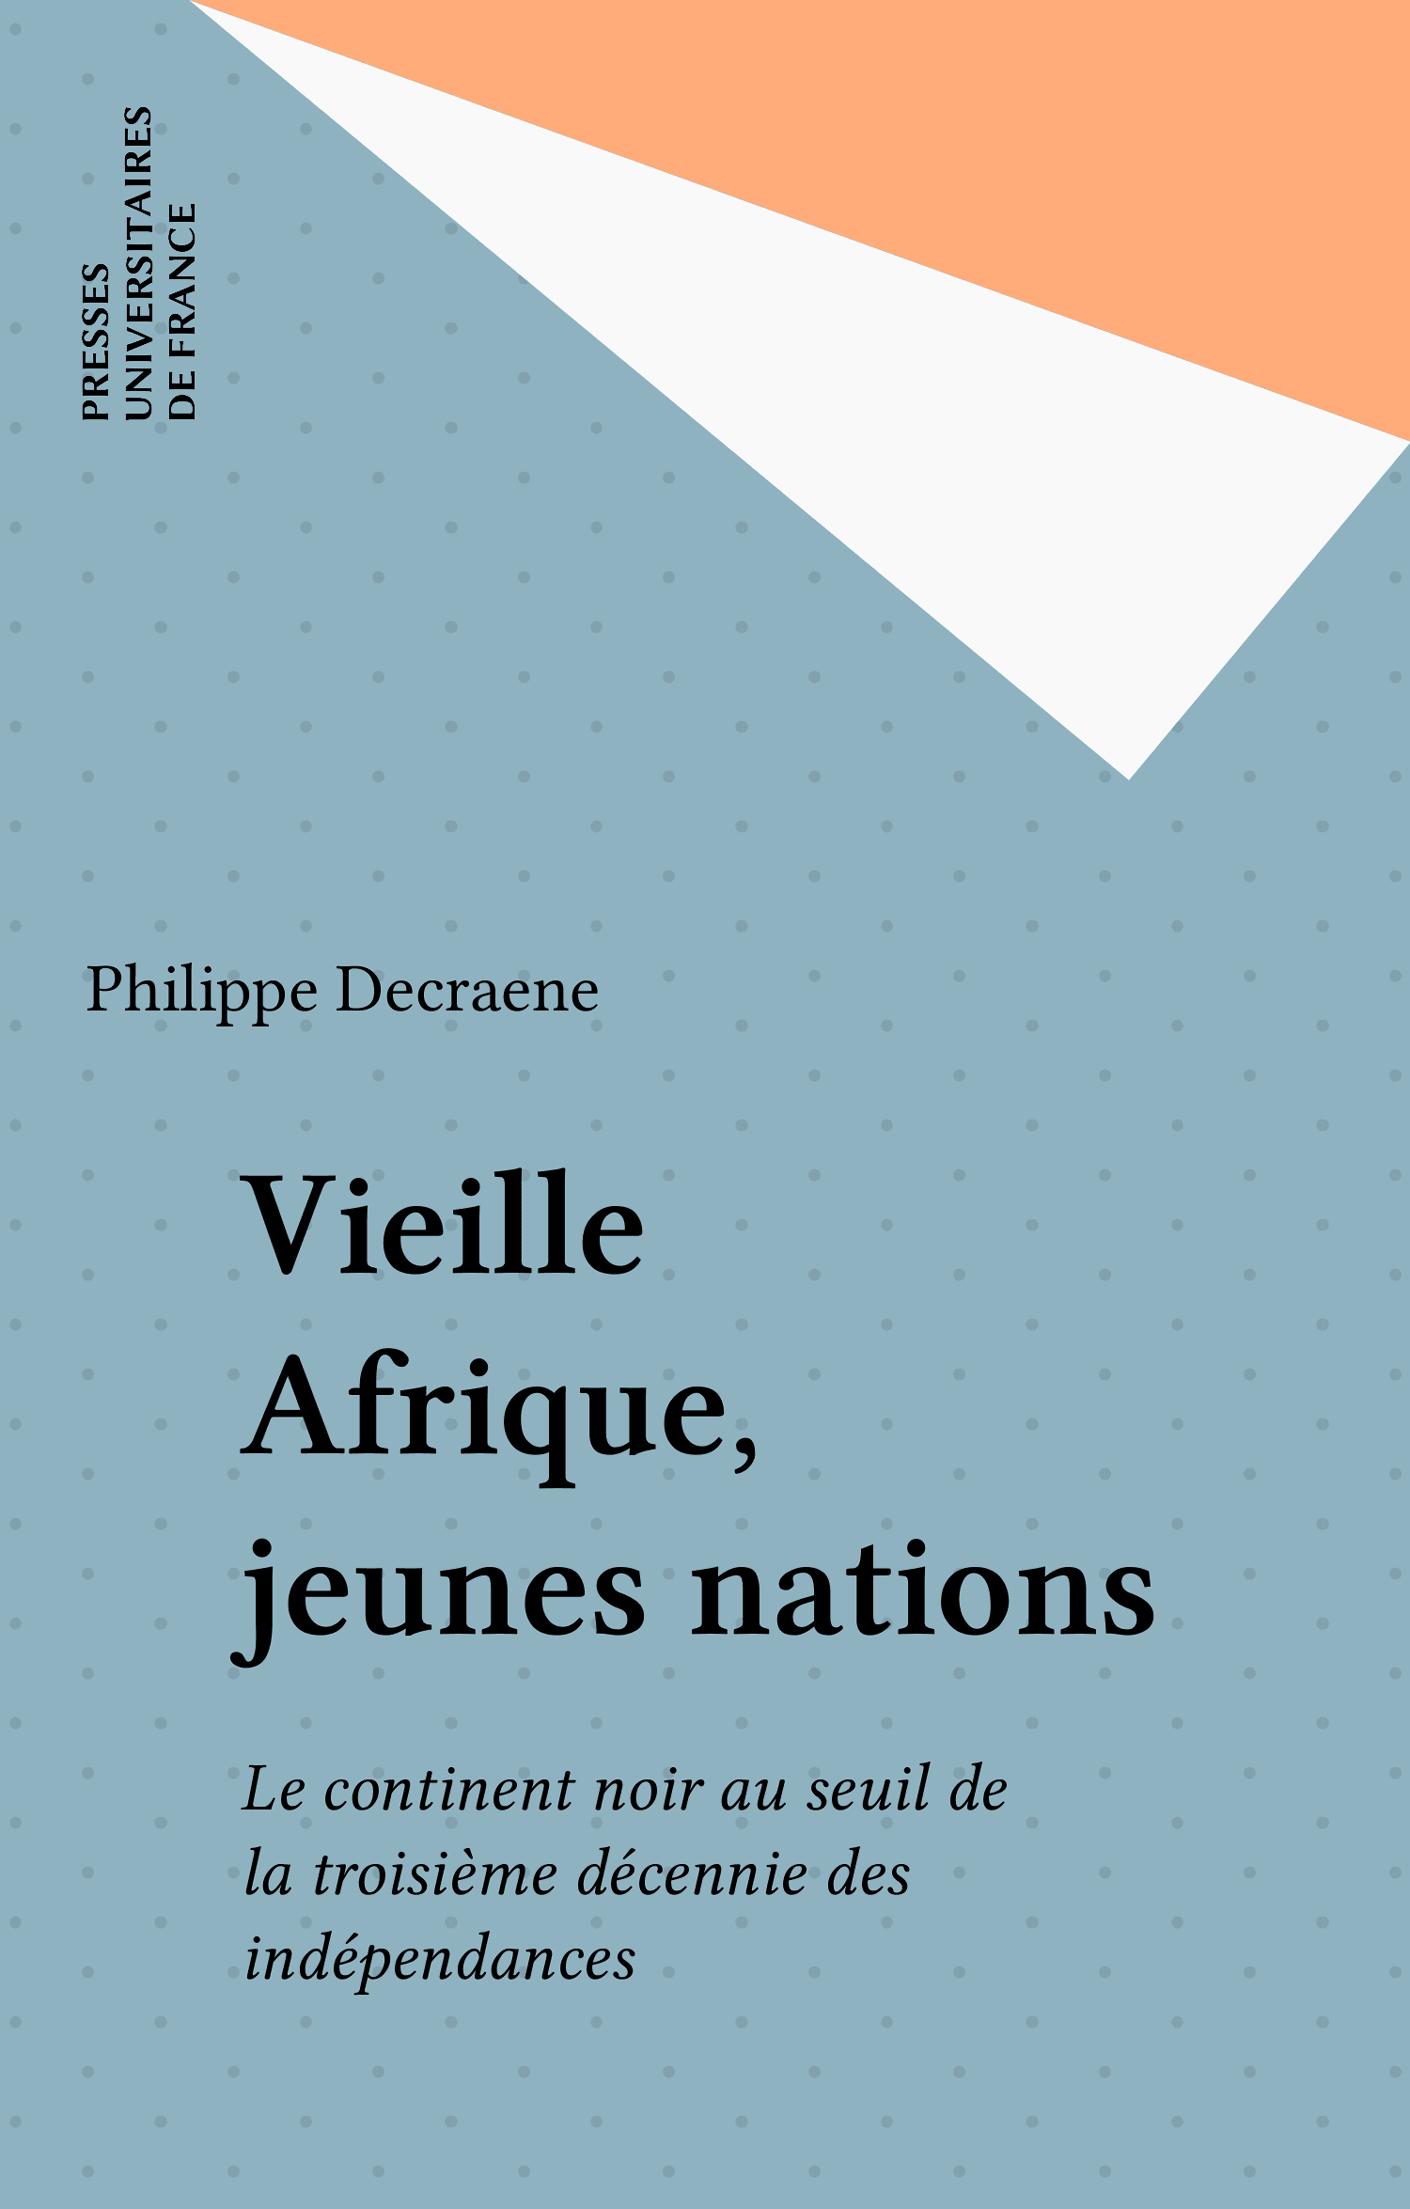 Vieille Afrique, jeunes nations